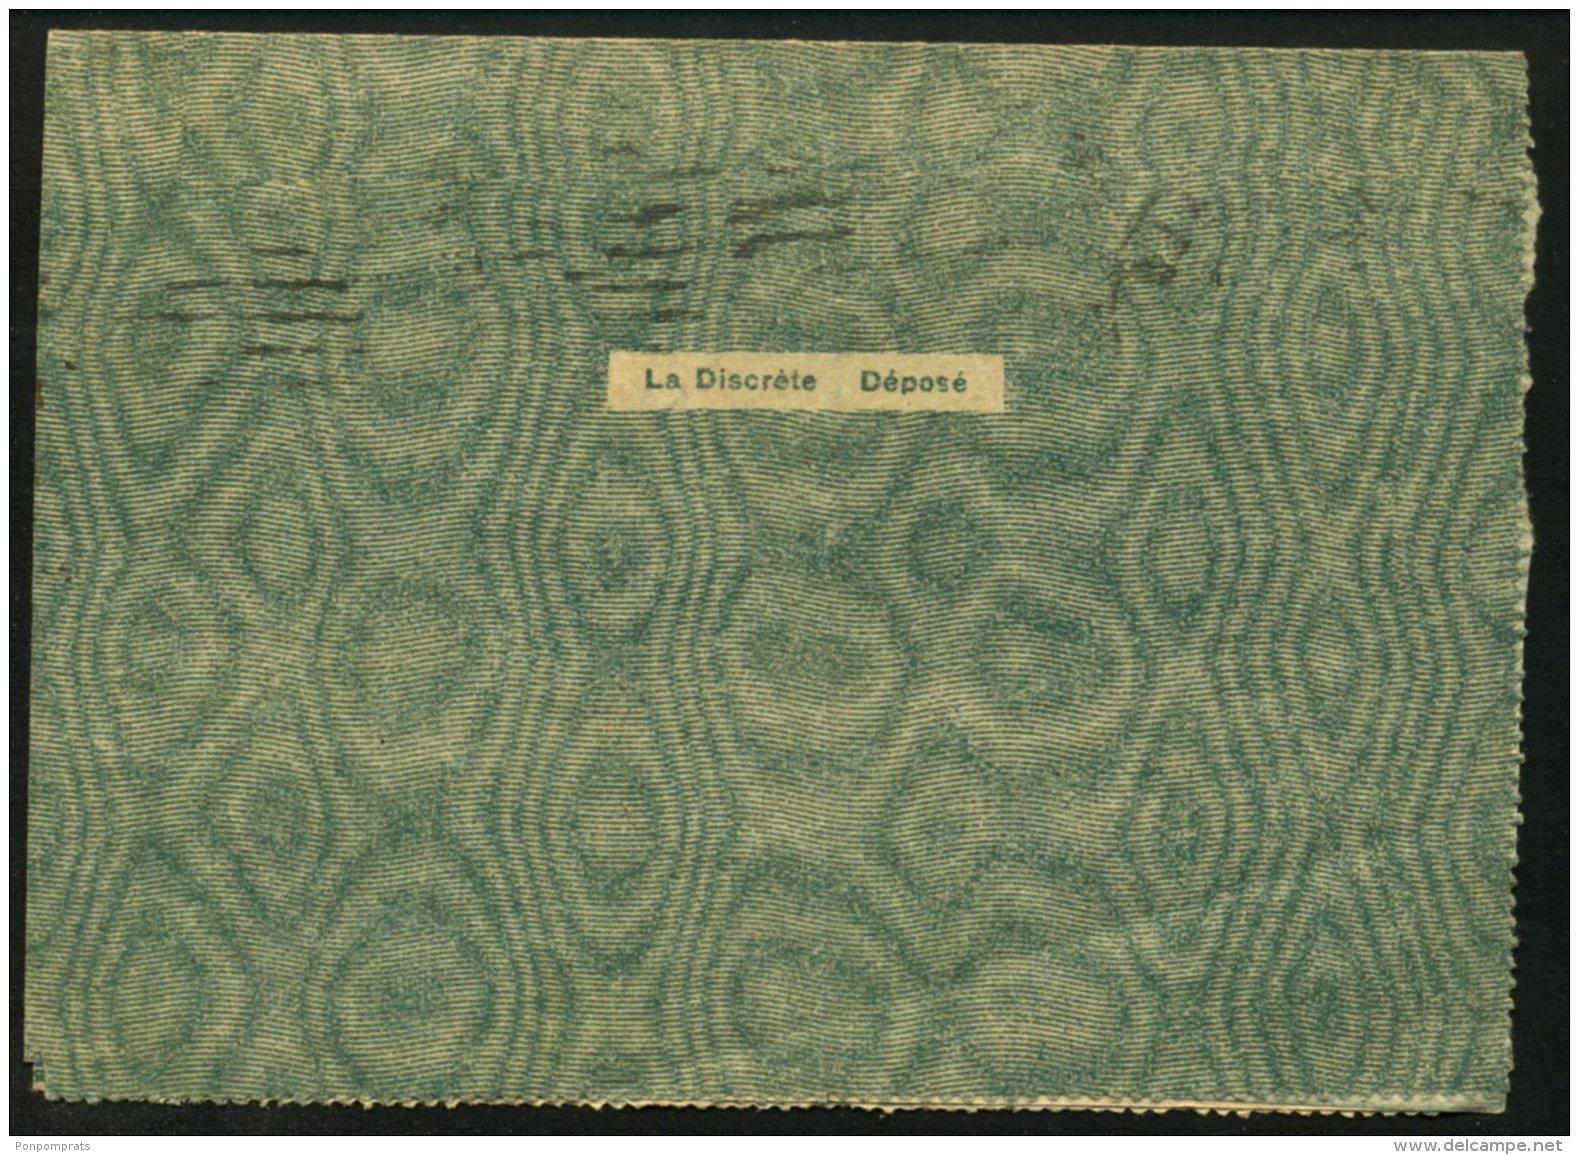 Pli De Franchise Militaire De La Guerre De 1914-18 Oblt Flamme De GRENOBLE - Cartes De Franchise Militaire